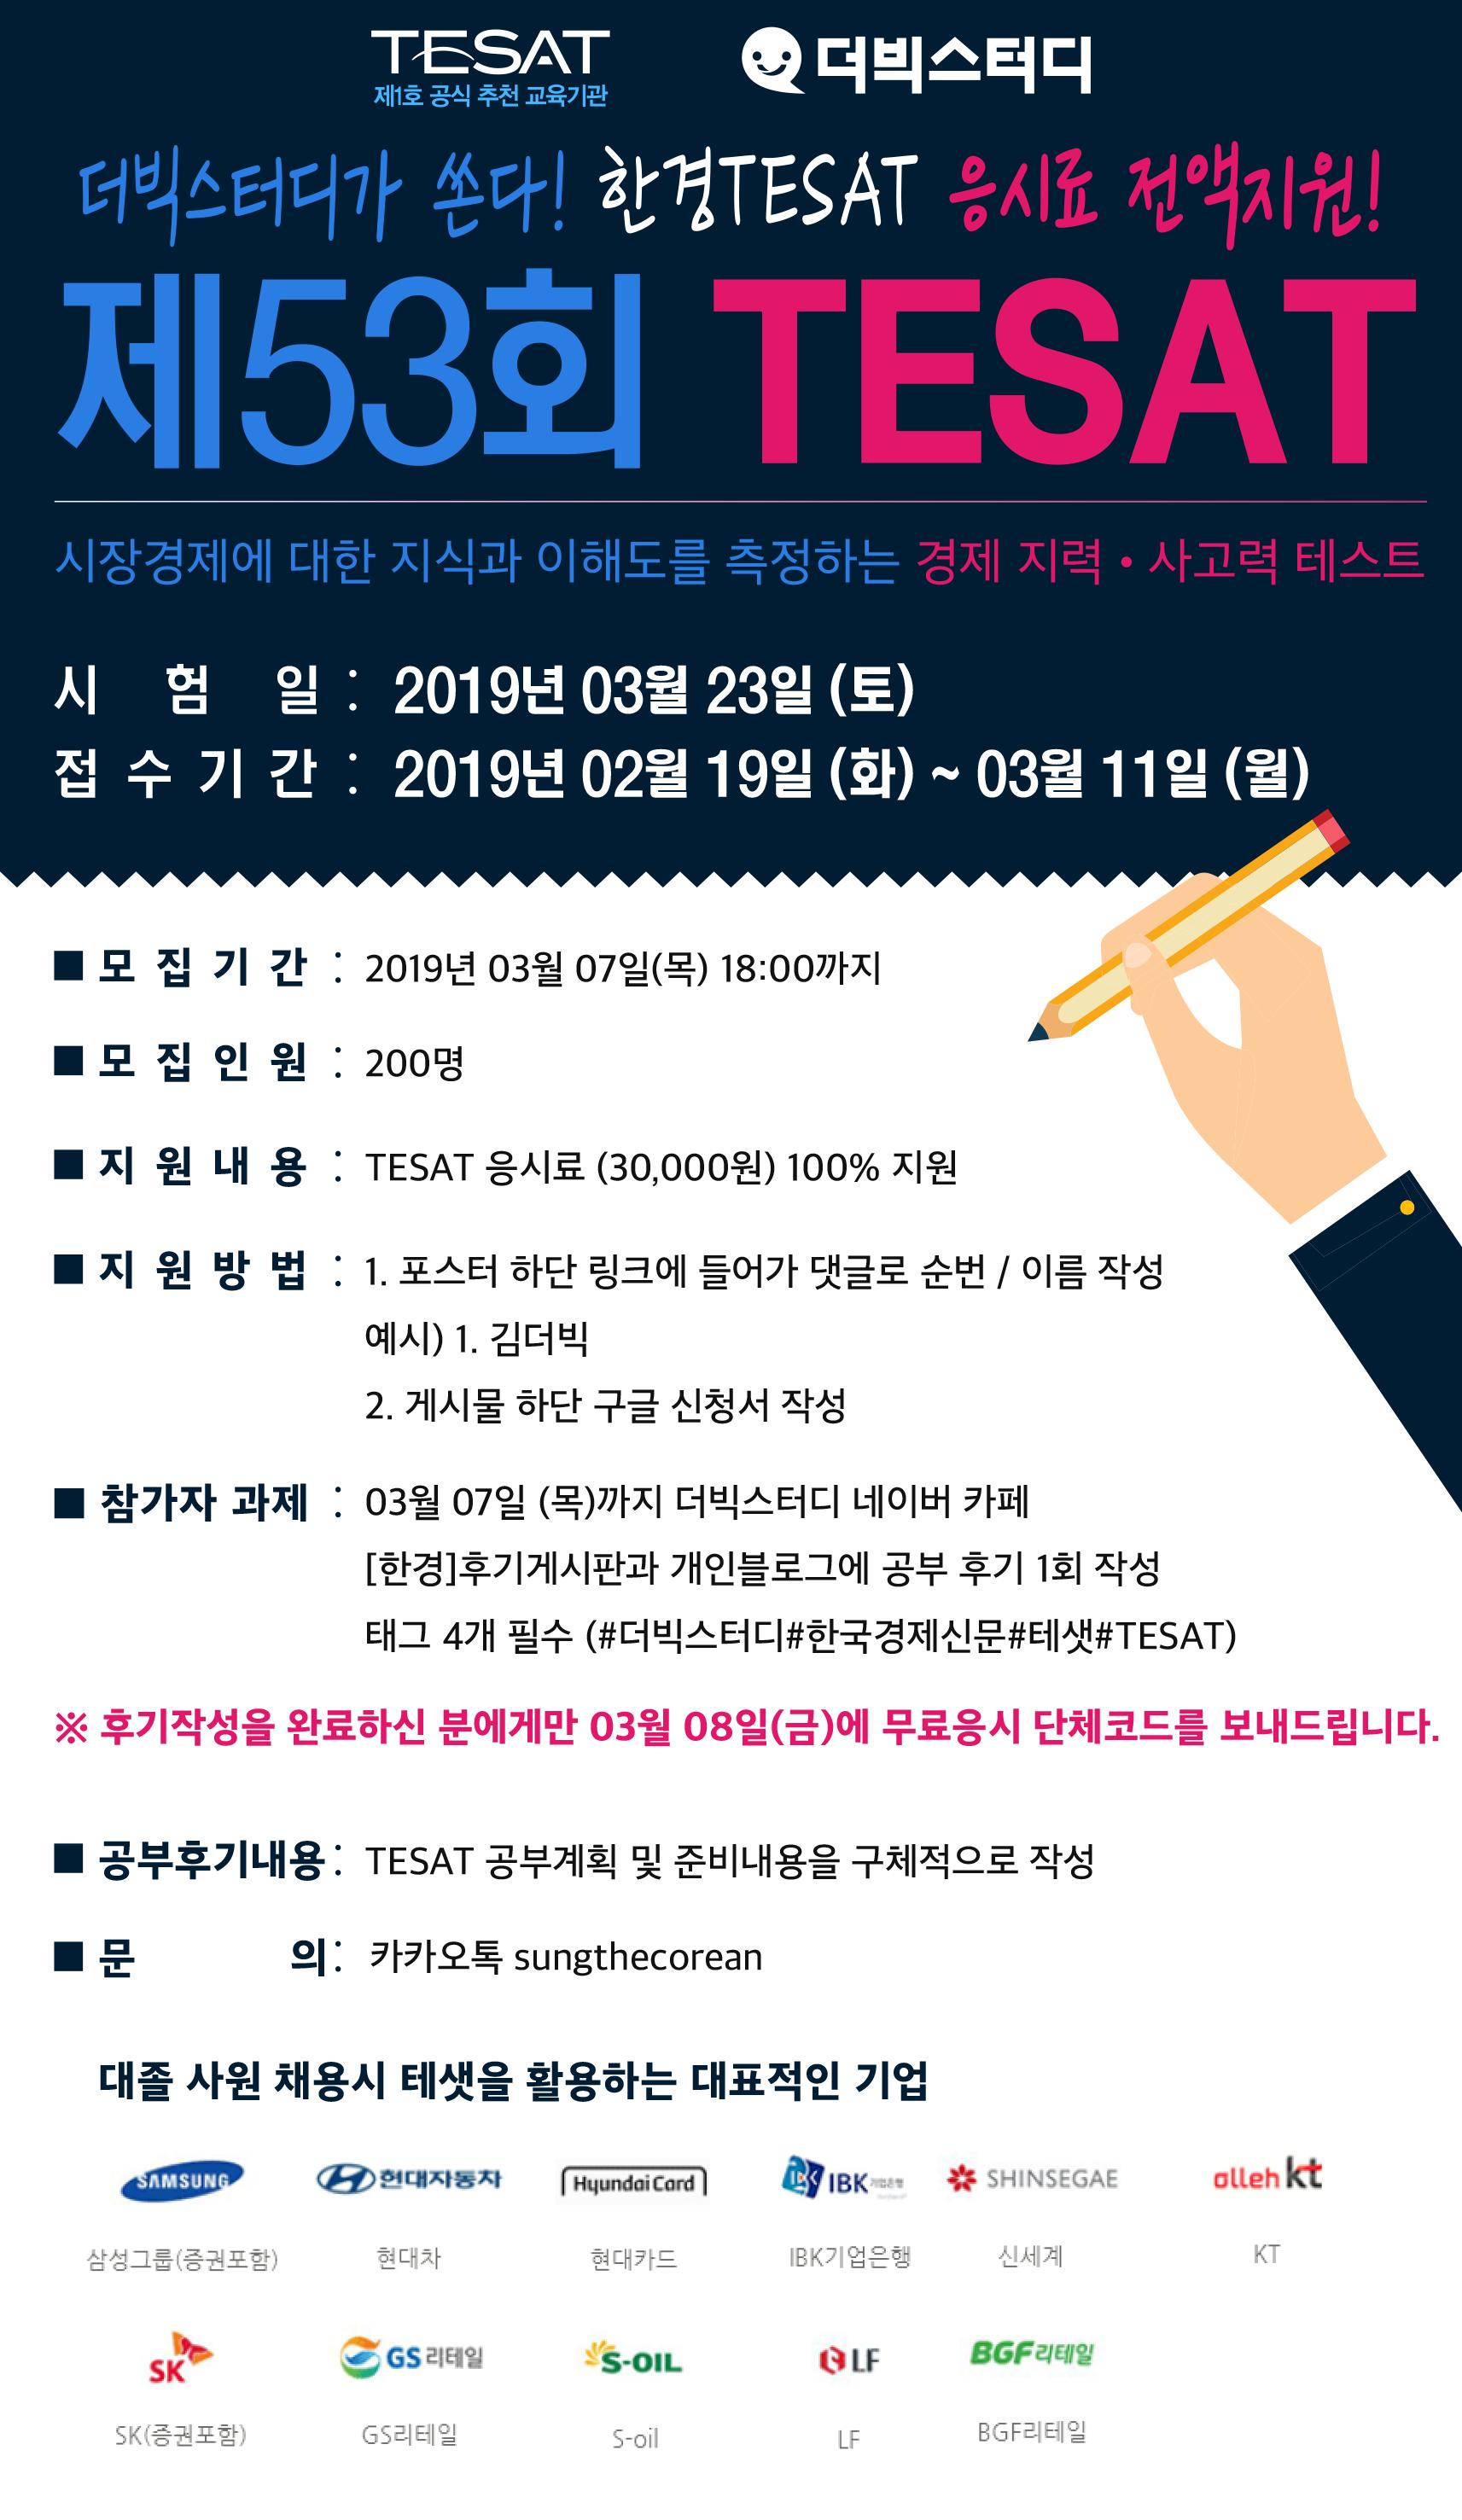 53회TESAT_홍보.png